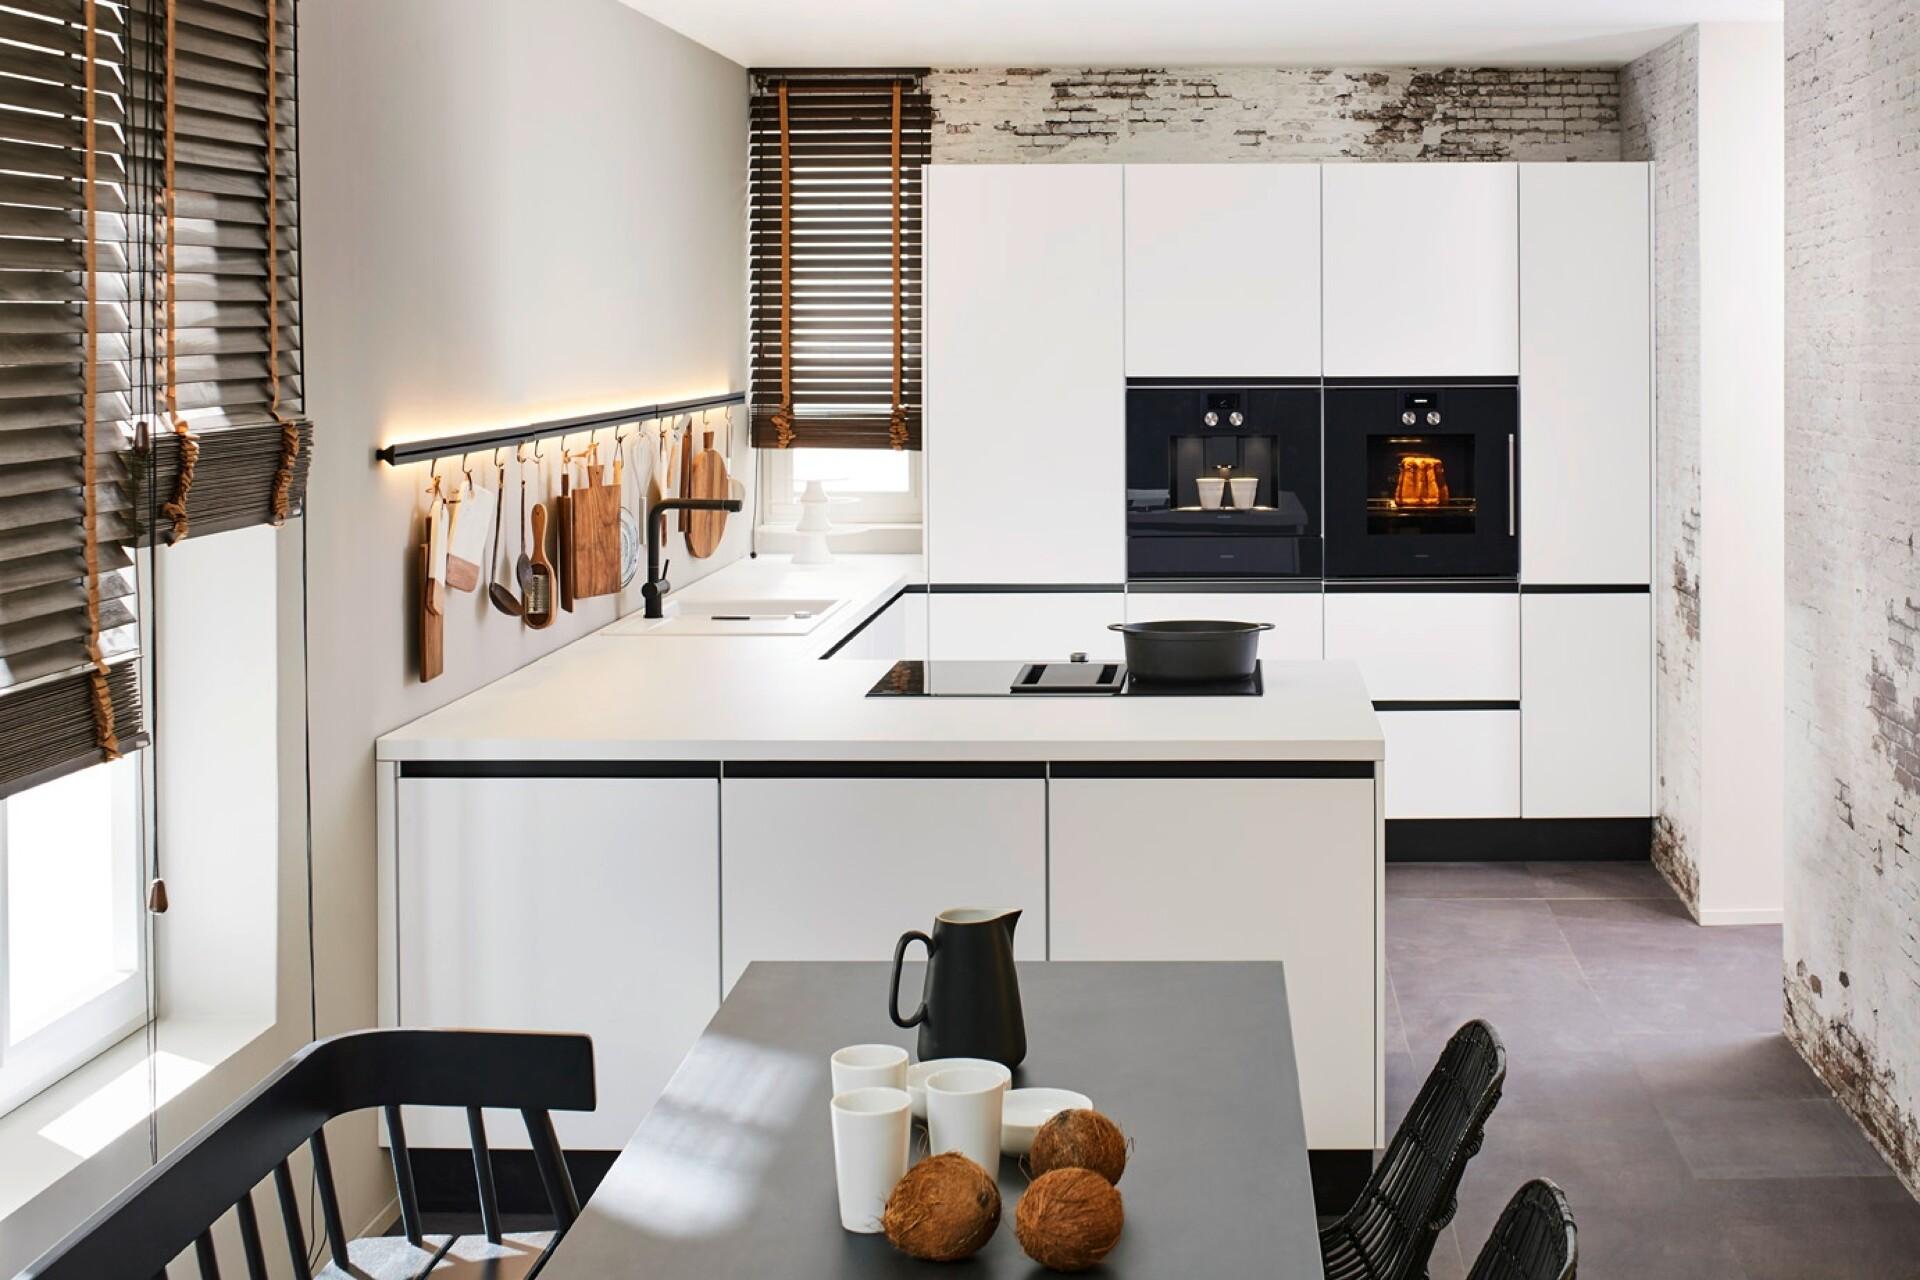 Küchencentrum Lengerich - Küchencentrum Lengerich - neue Küchen